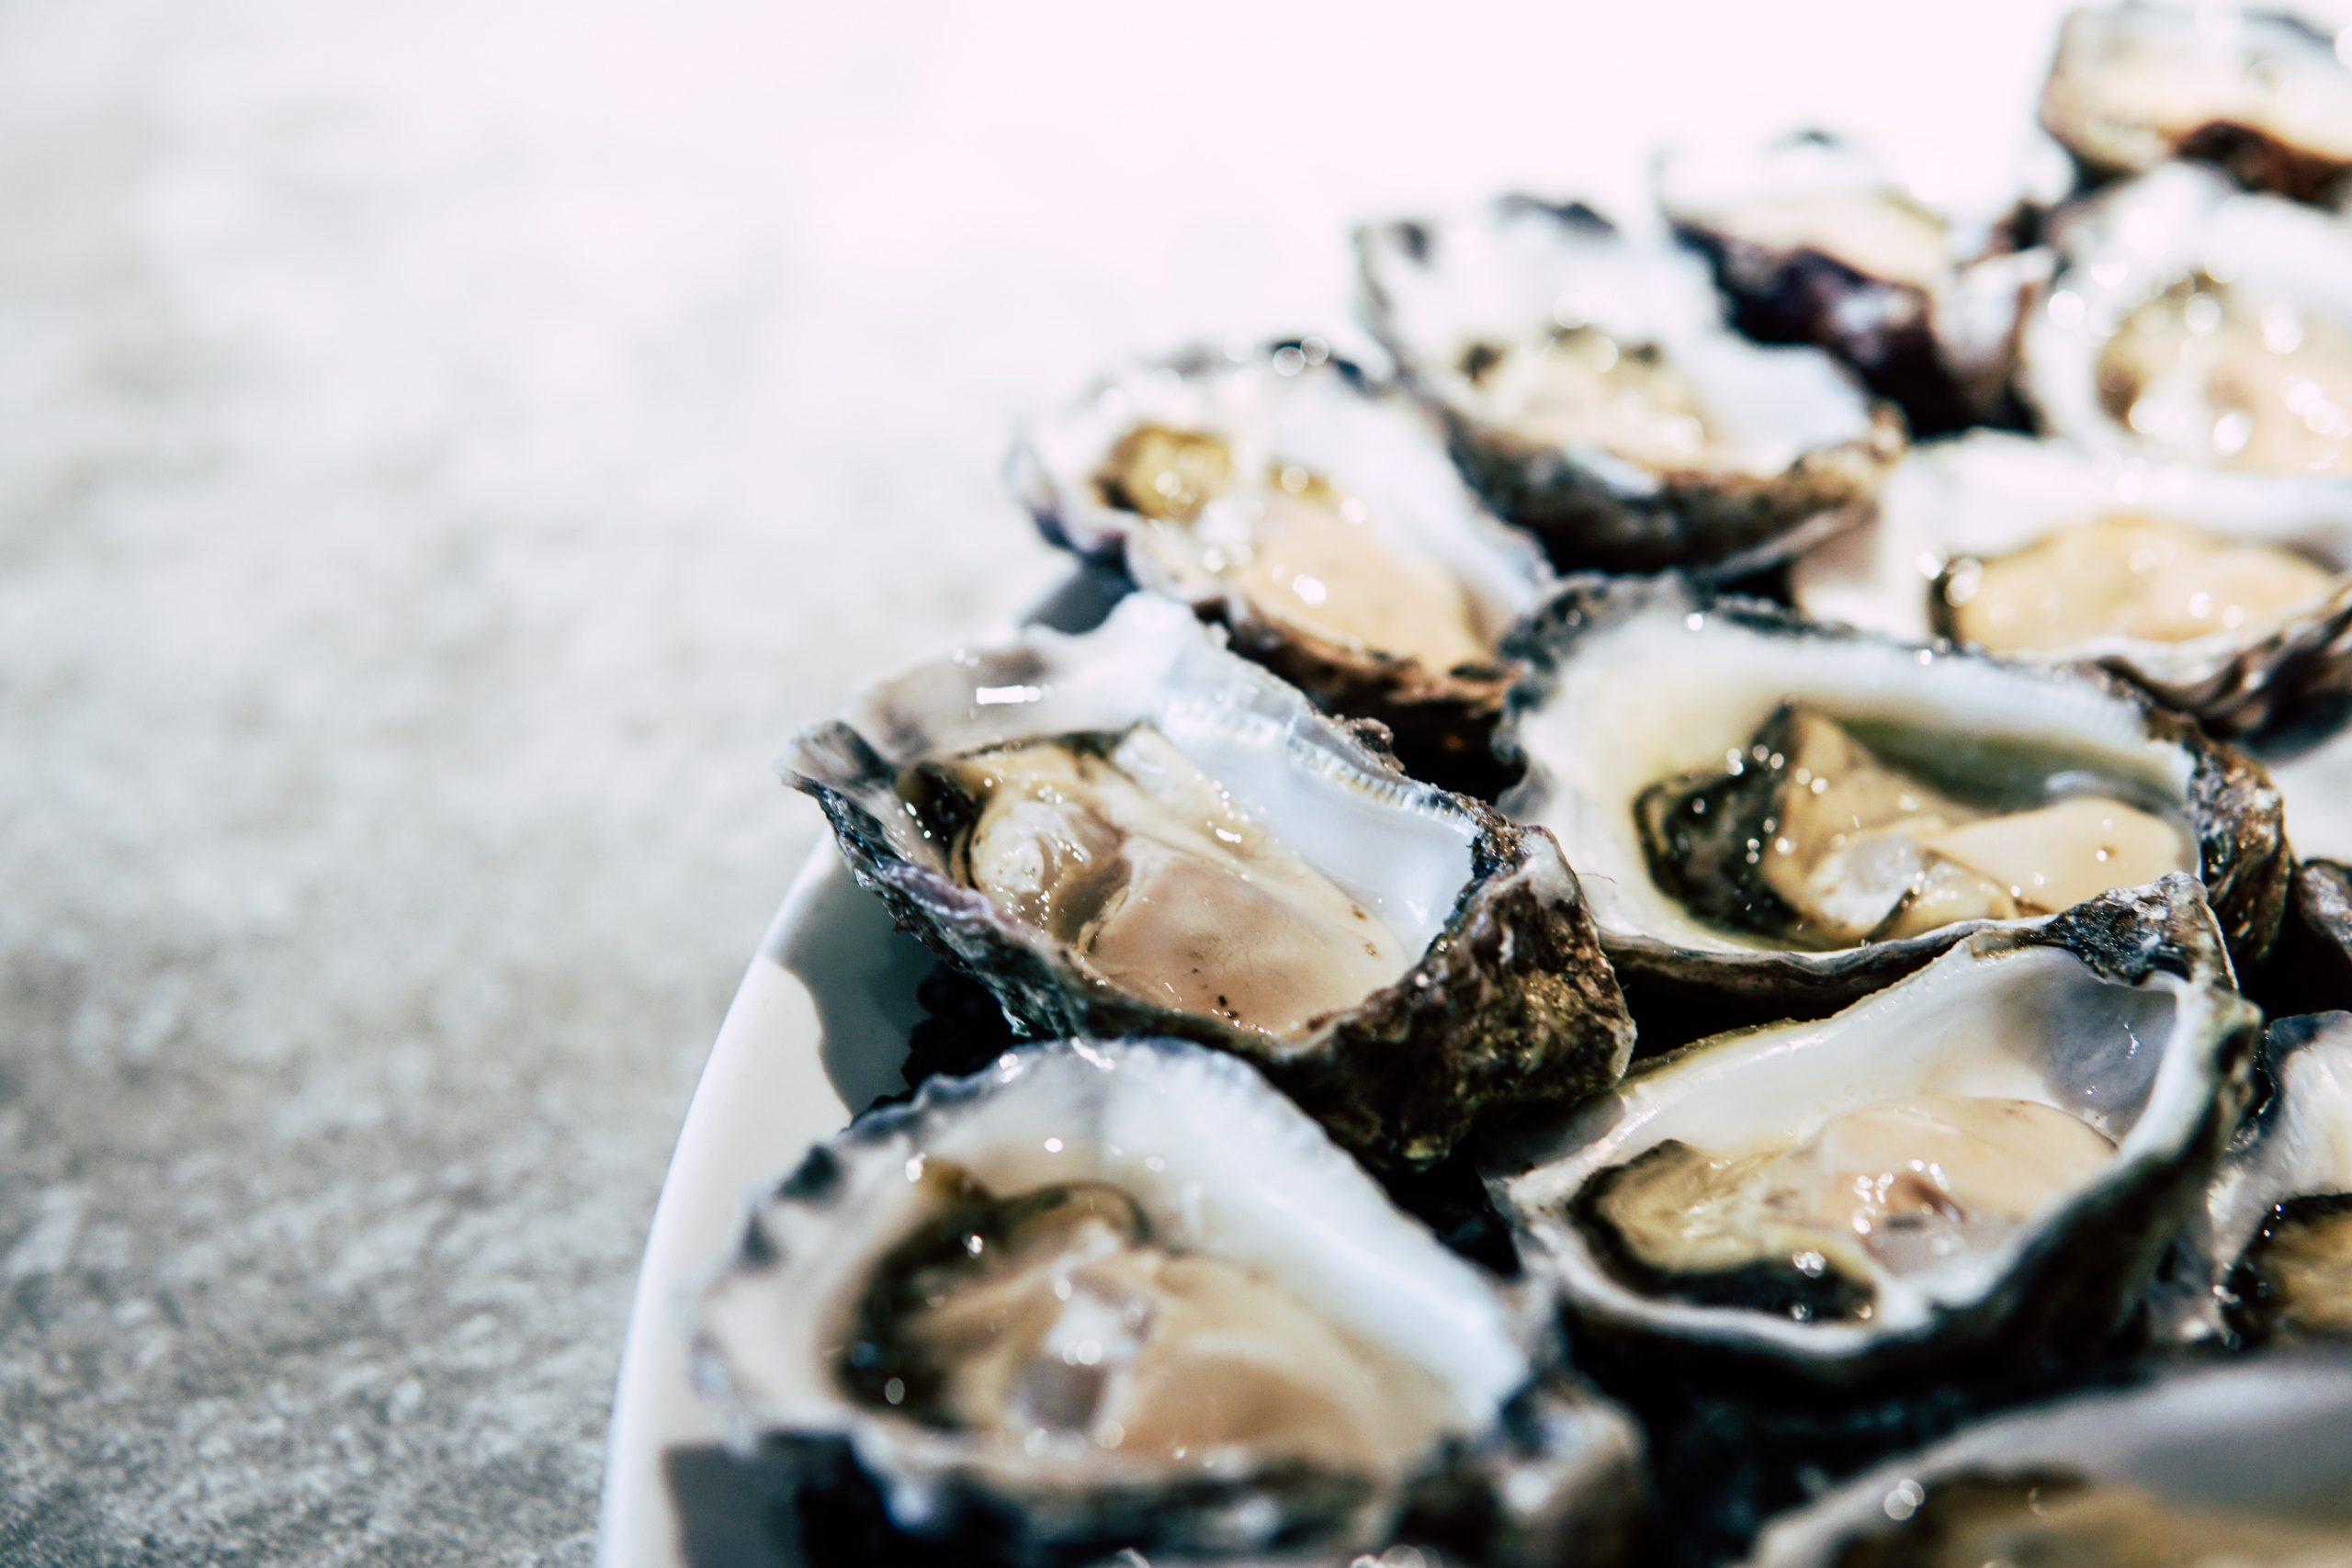 Platos de ostras. /Foto: Pexels